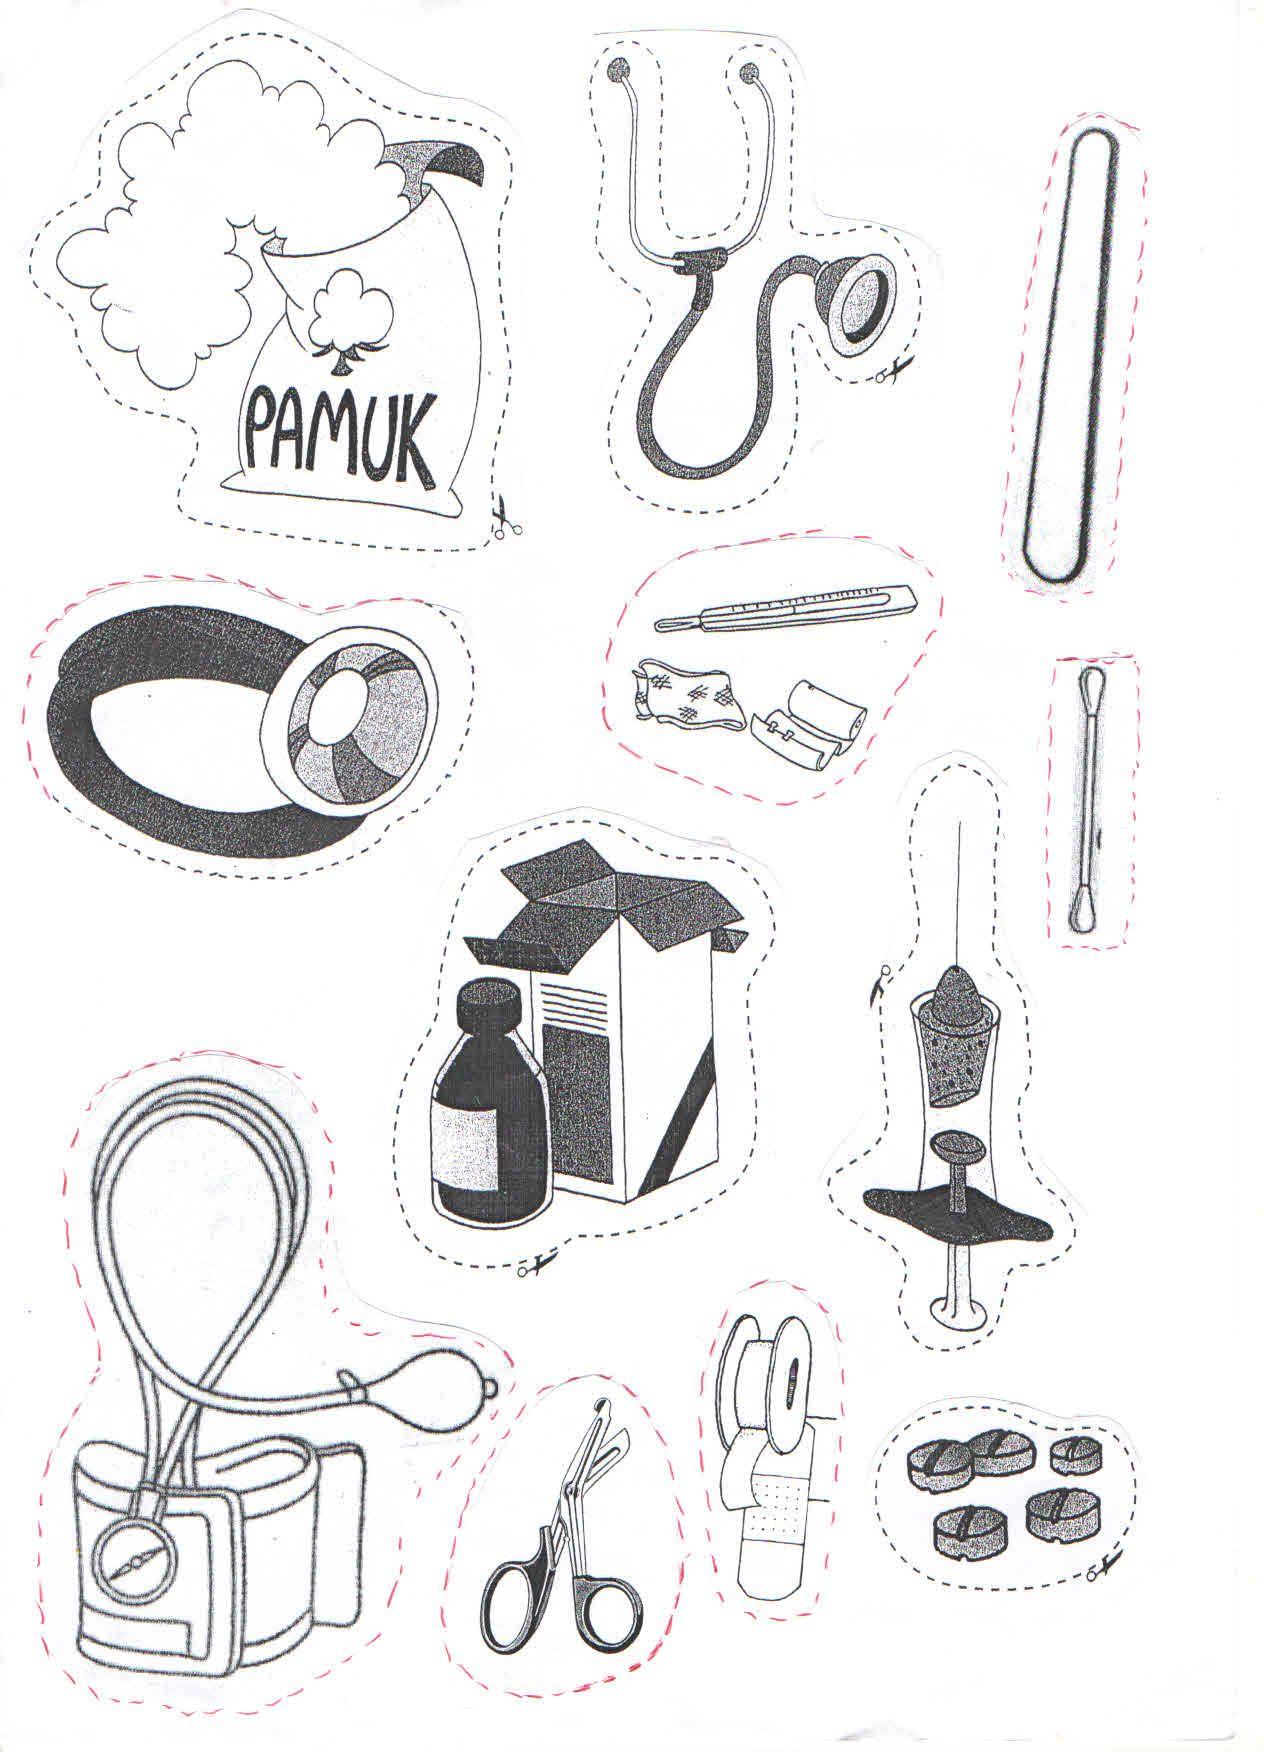 Ilk Yardım Malzemeleri çizim Boyama Crafts For Kids Preschool